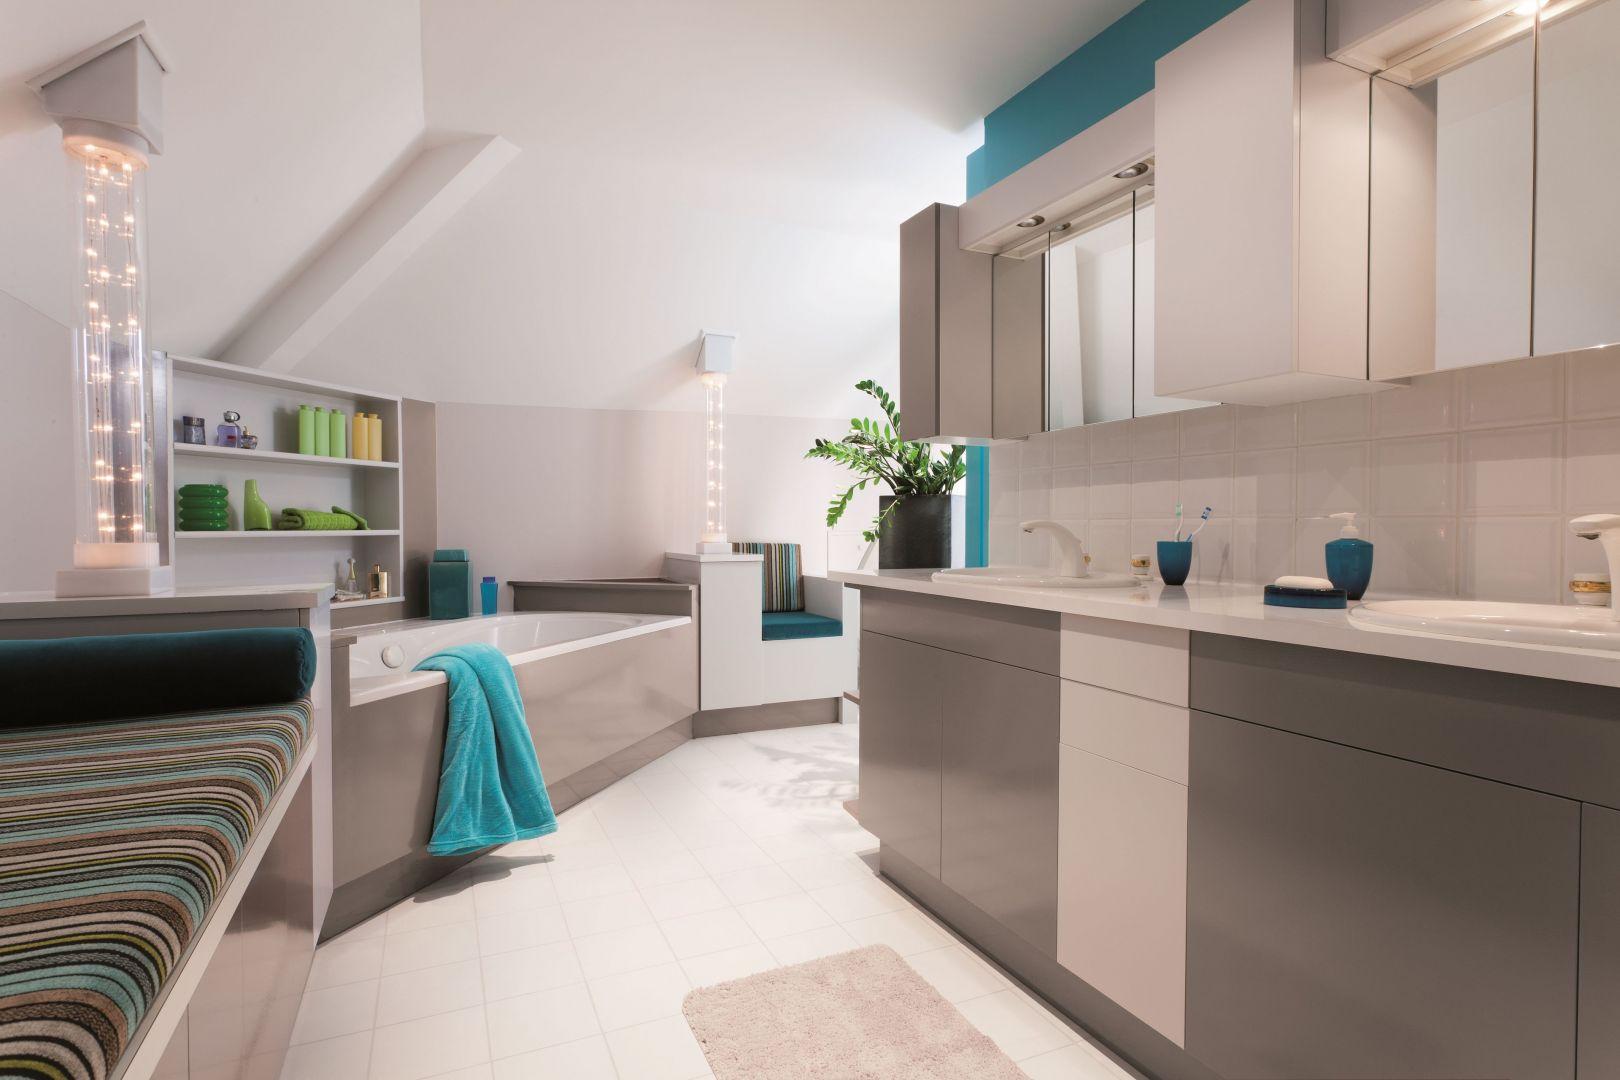 Produkty V33 z linii renowacja pozwolą nadać nowy charakter takim elementom aranżacji łazienki, jak fronty meblowe czy płytki ceramiczne. Fot. V33